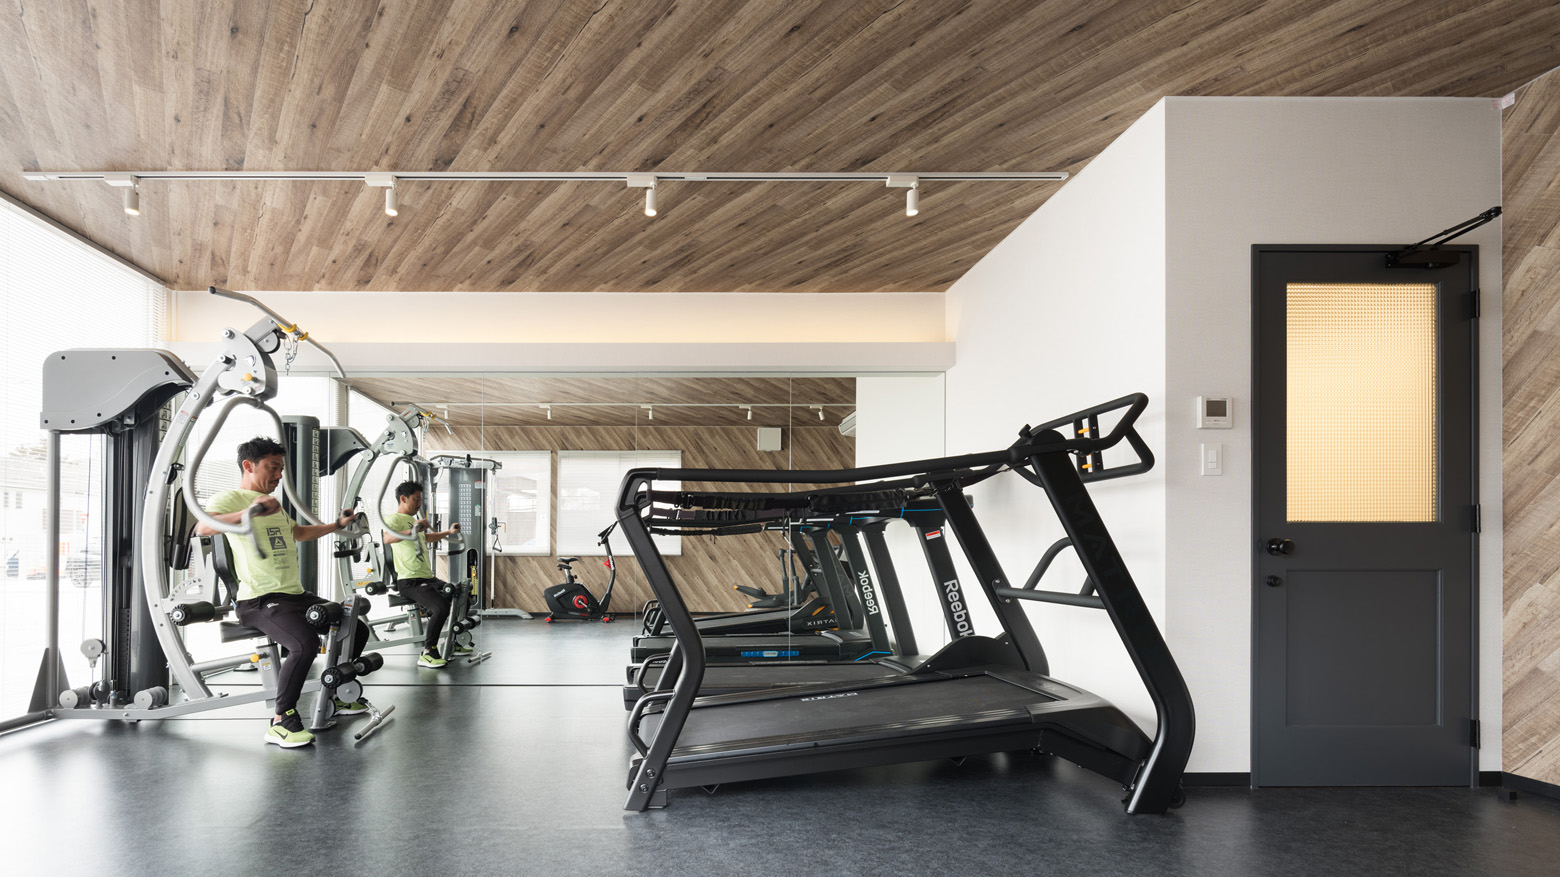 ベイラインエクスプレス株式会社 Gym Space デザイン・レイアウト事例